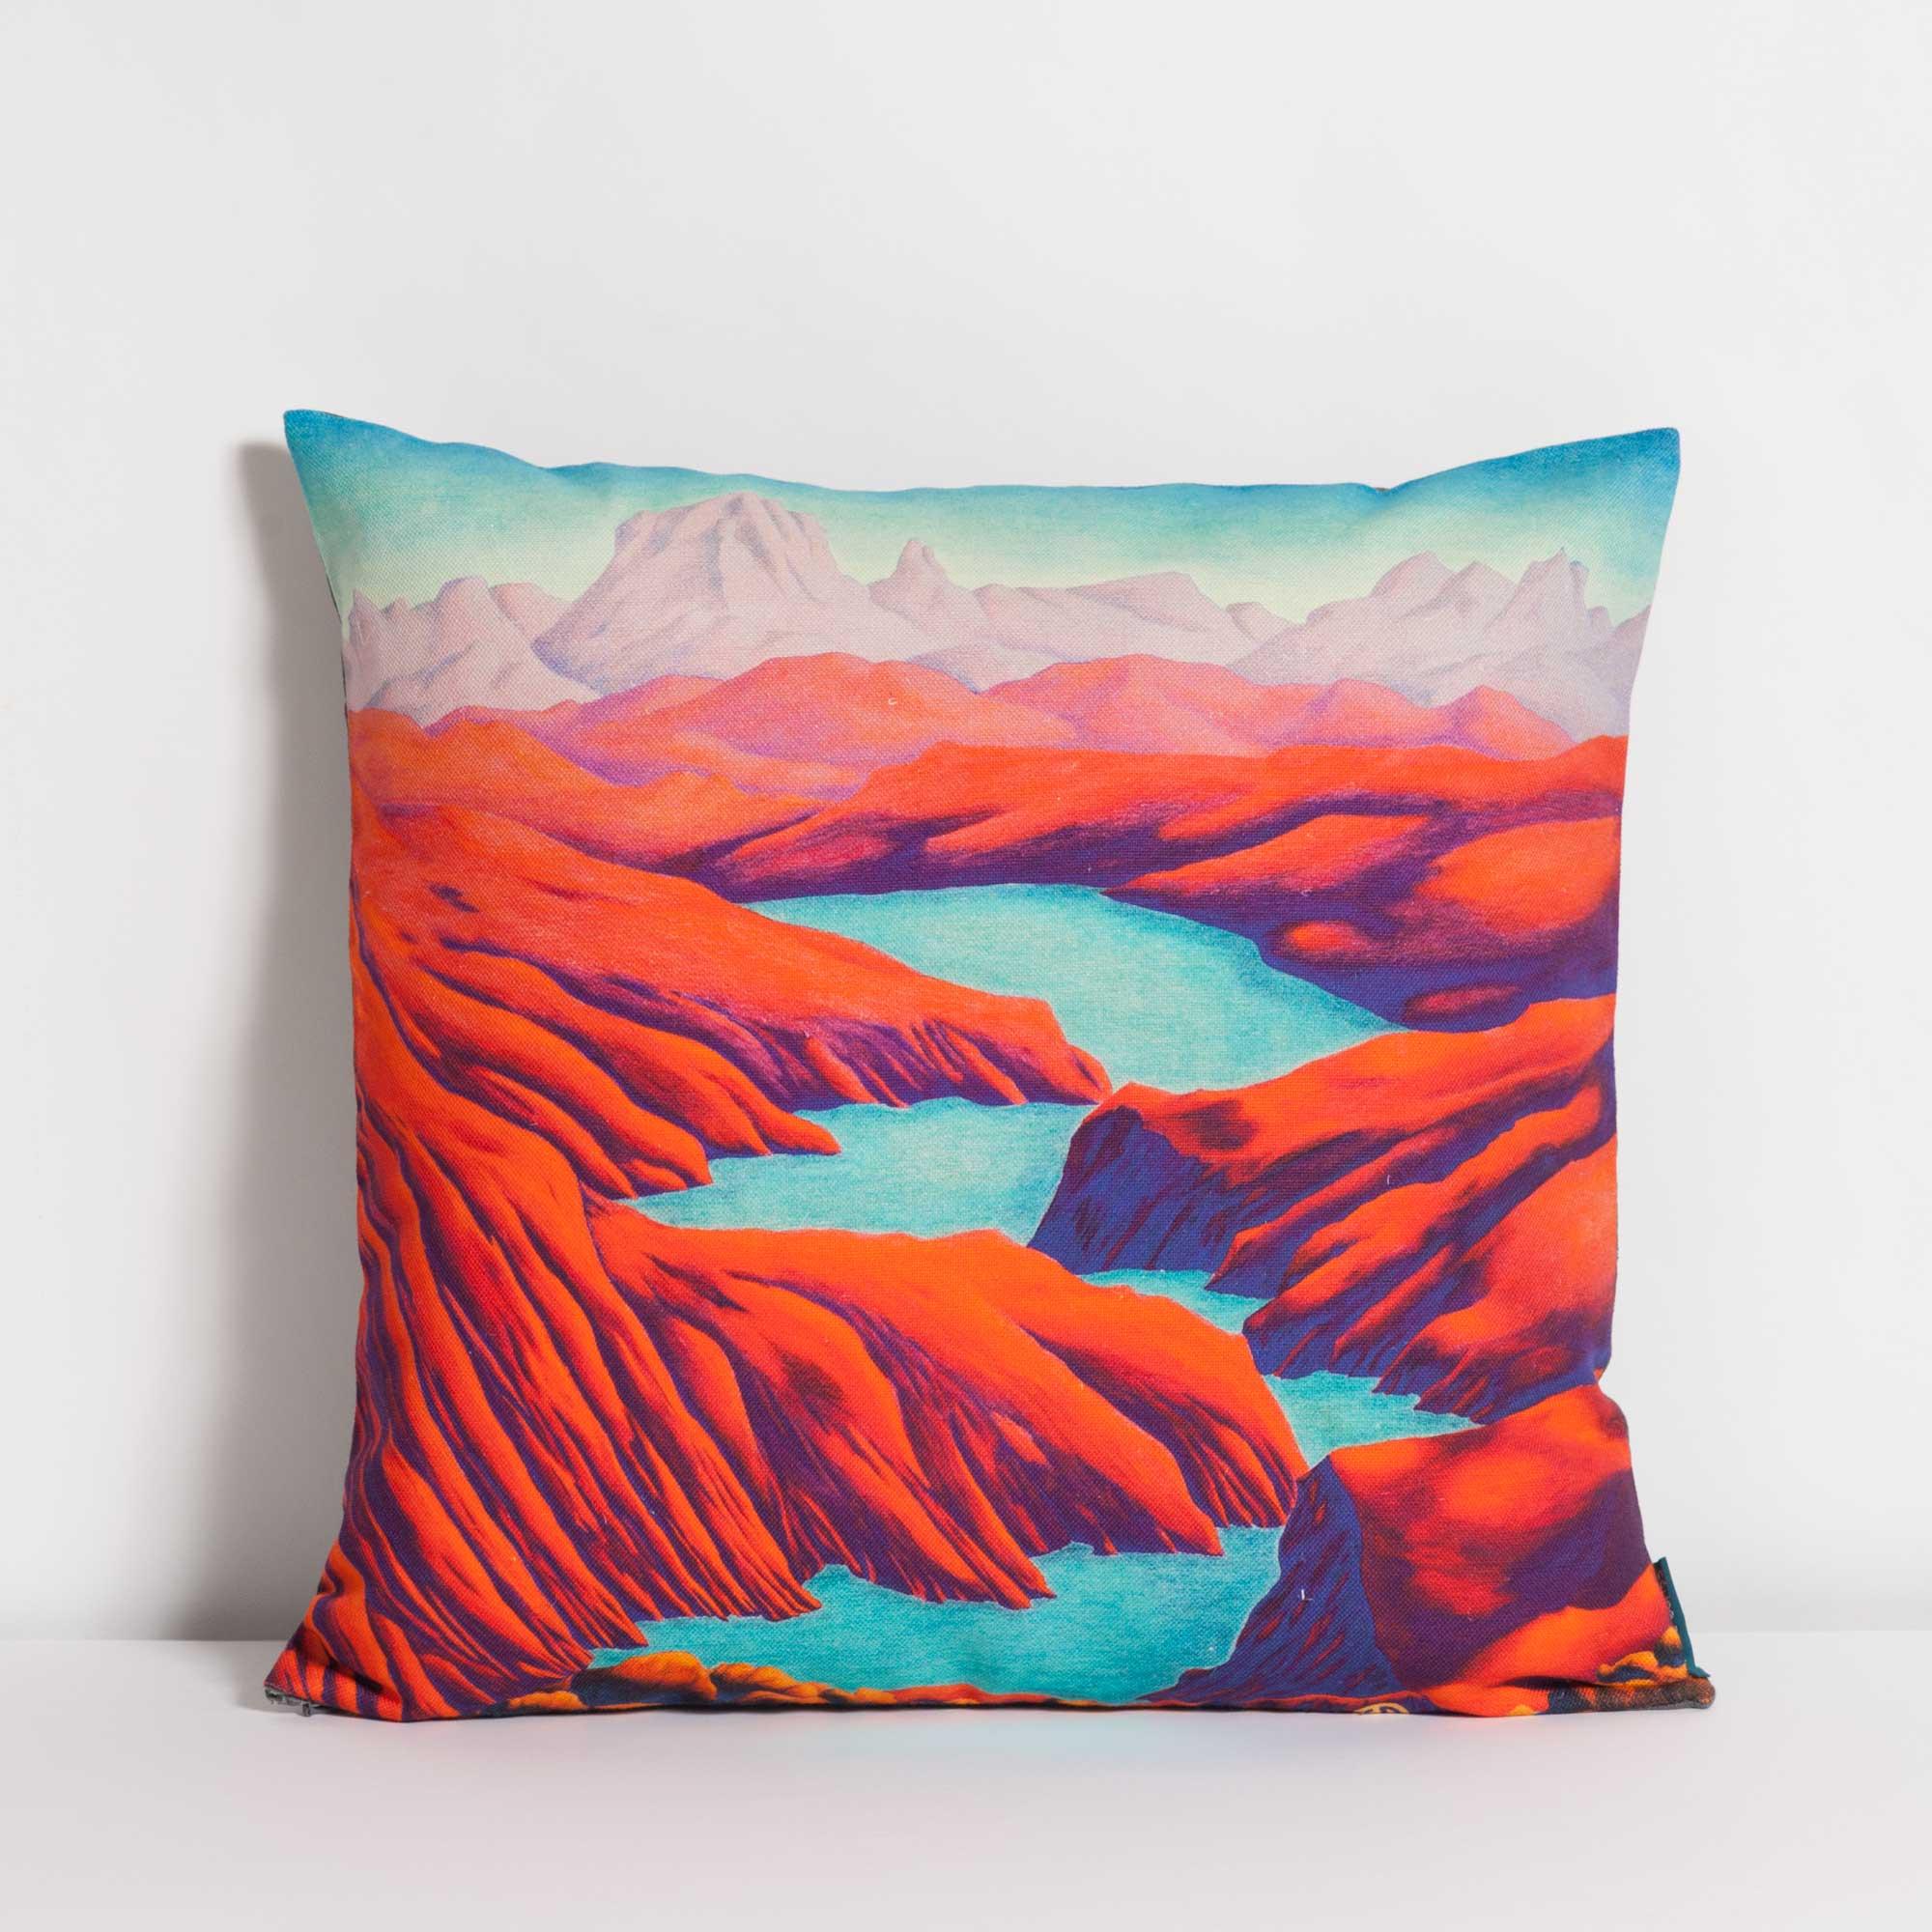 Coussin rembourré de la collection Rêves Martiens de Céline Dominiak, avec des paysages de montages rouges et un lac bleu, recto